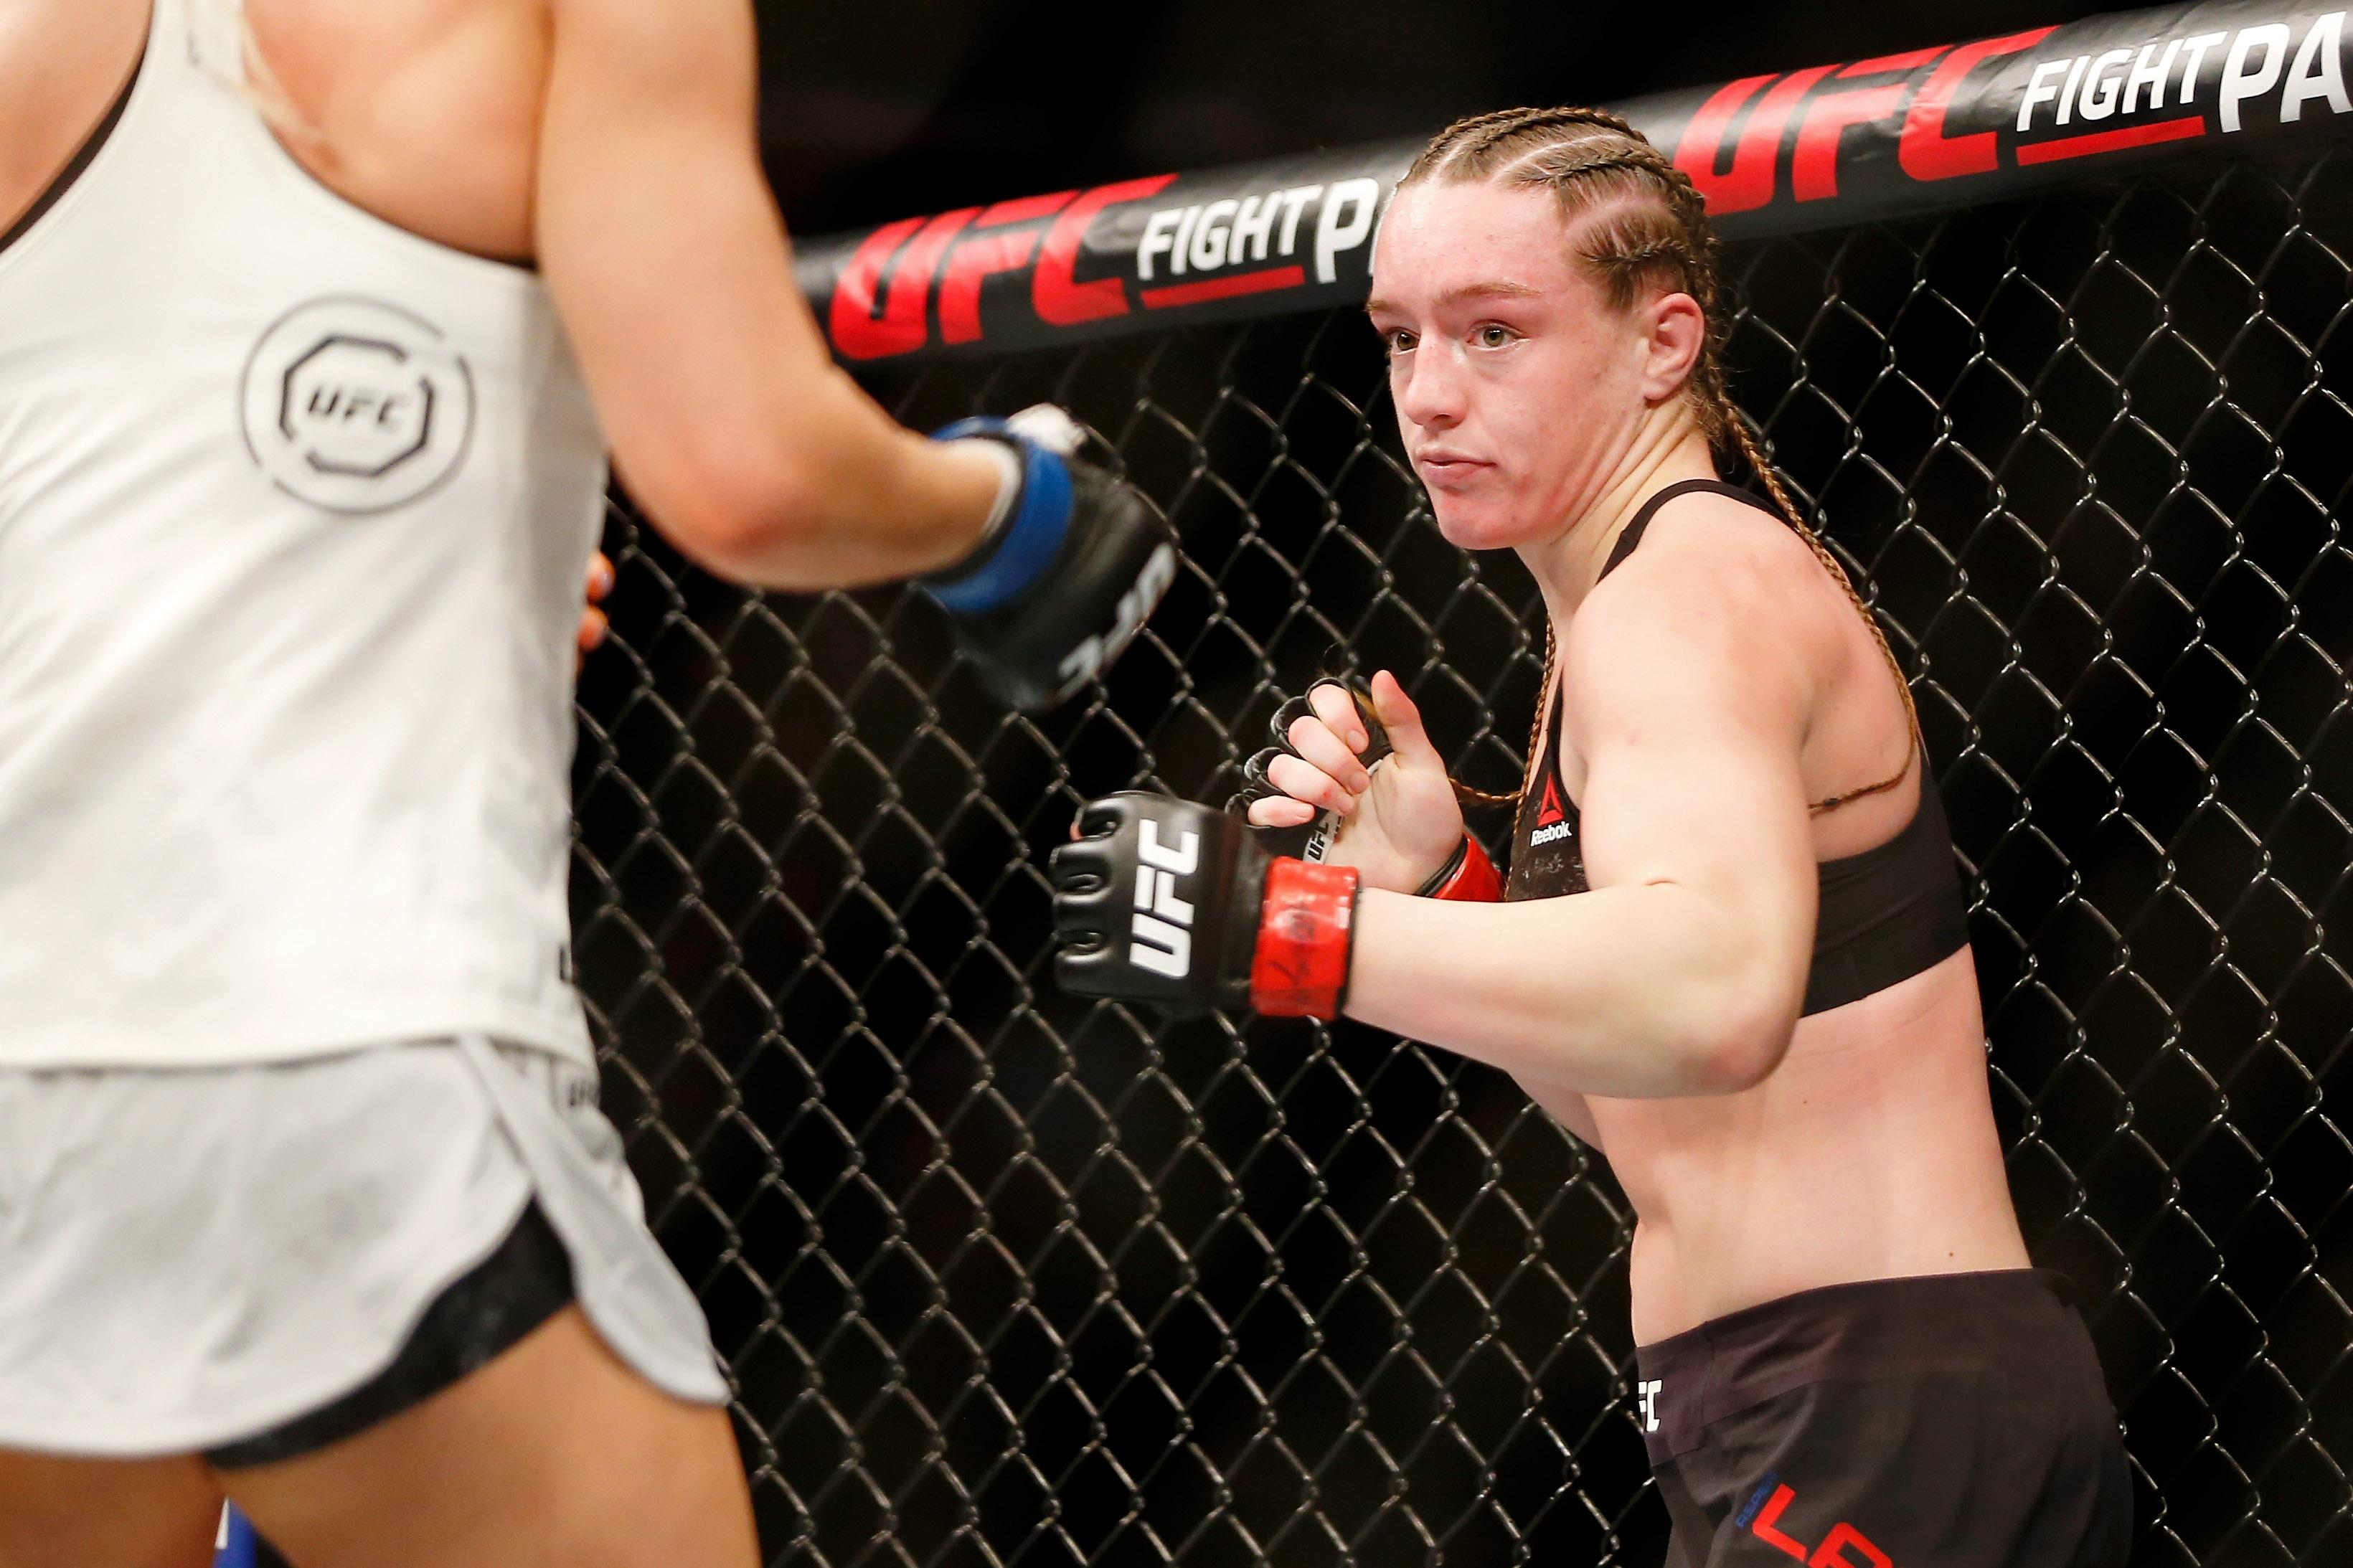 MMA: UFC Fight Night-Washington DC-Ladd vs Kunitskaya